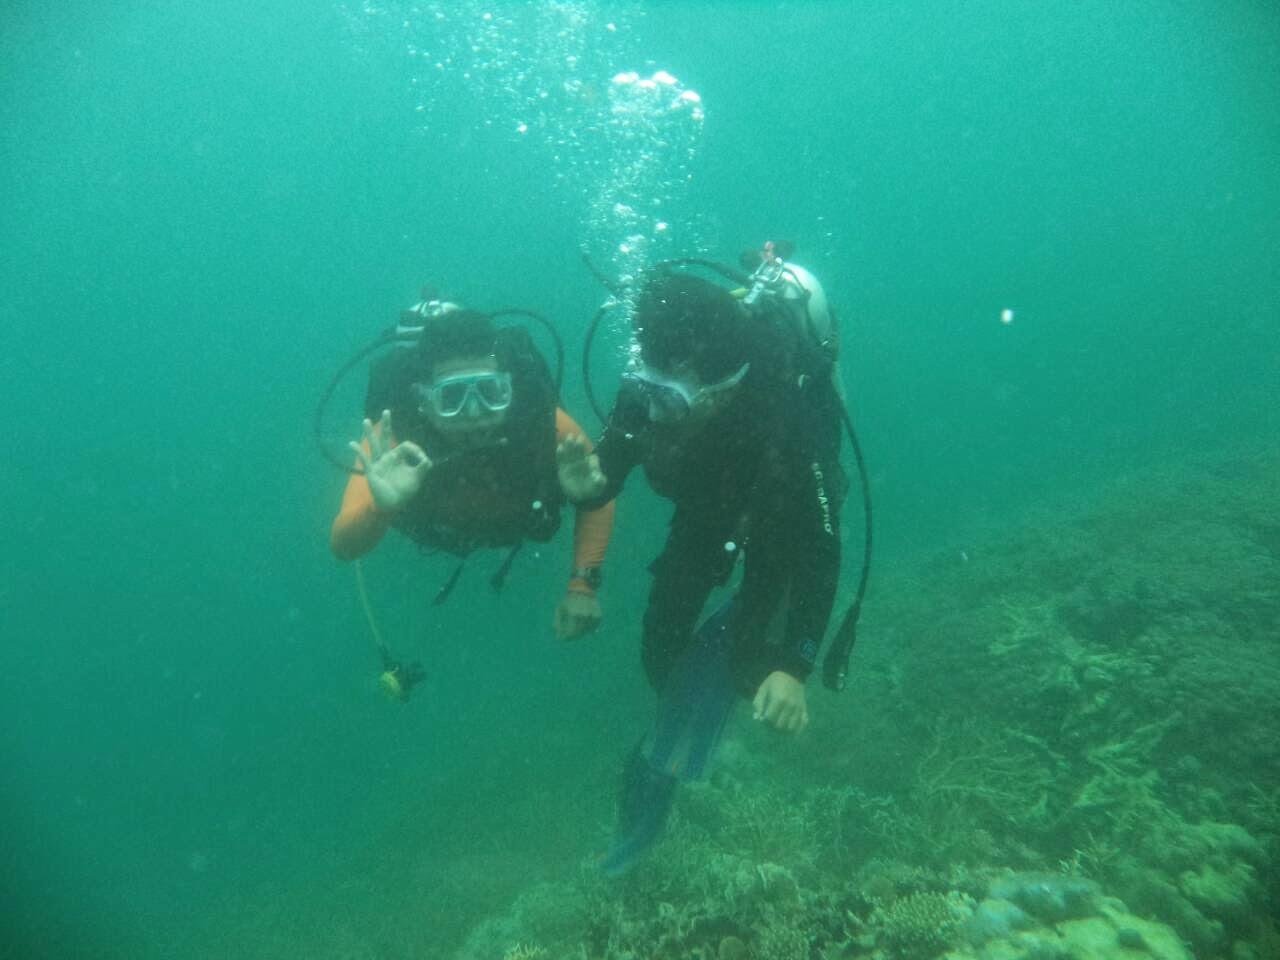 diving di pulau senja kendari